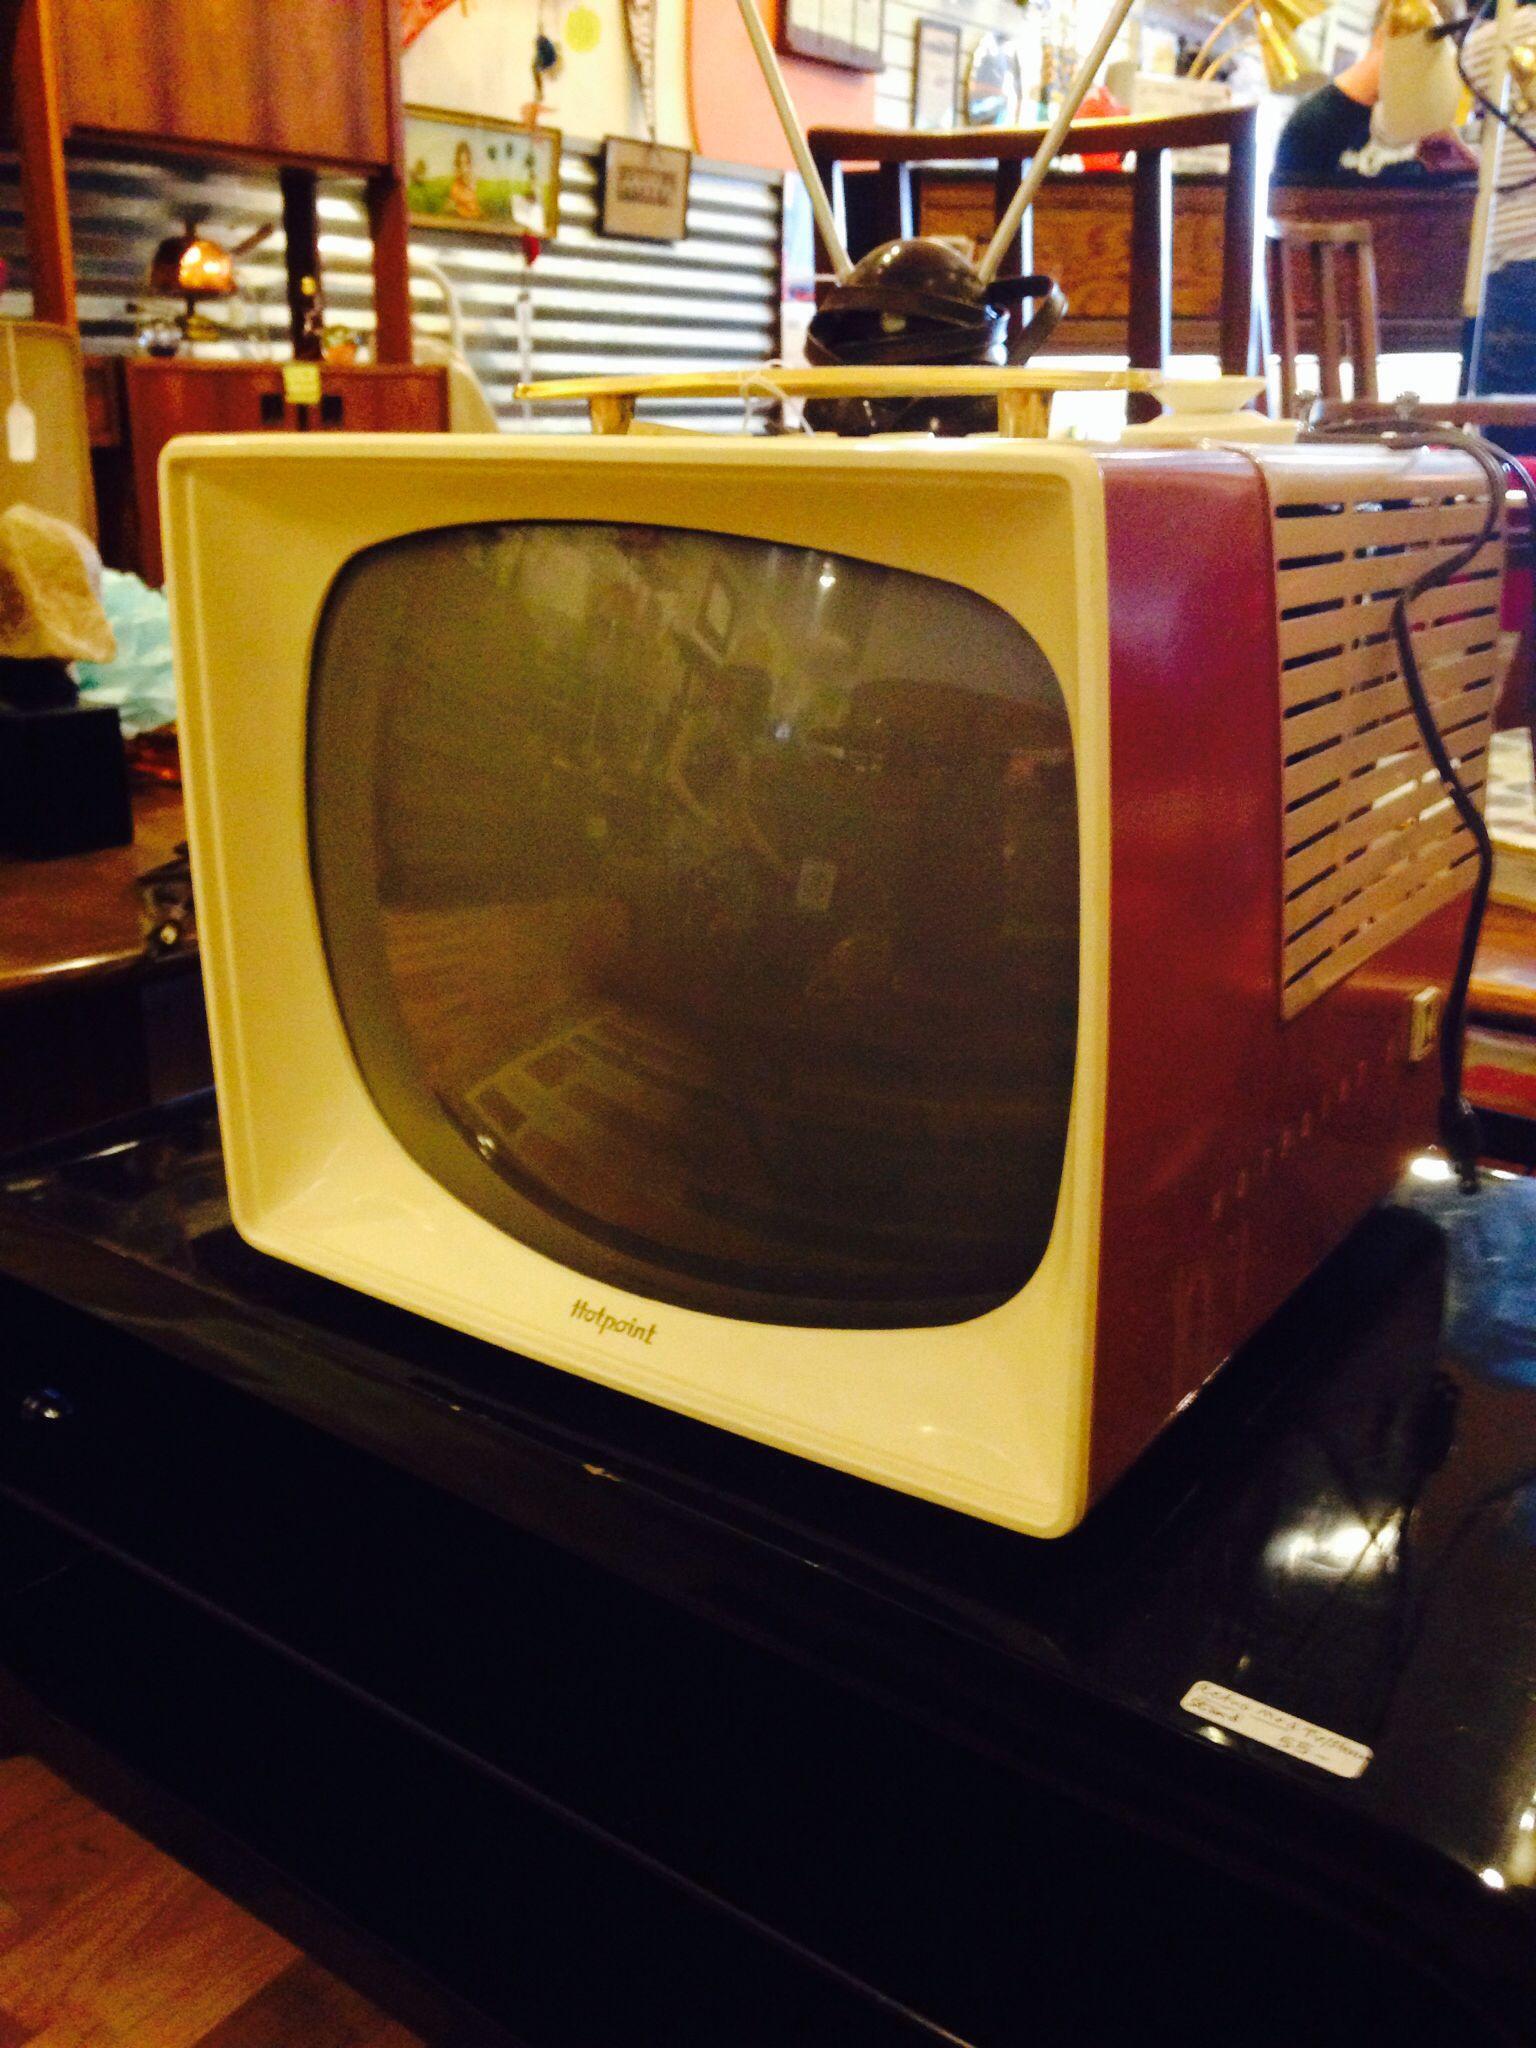 Cool Vintage TV / Television Set ! Download the App